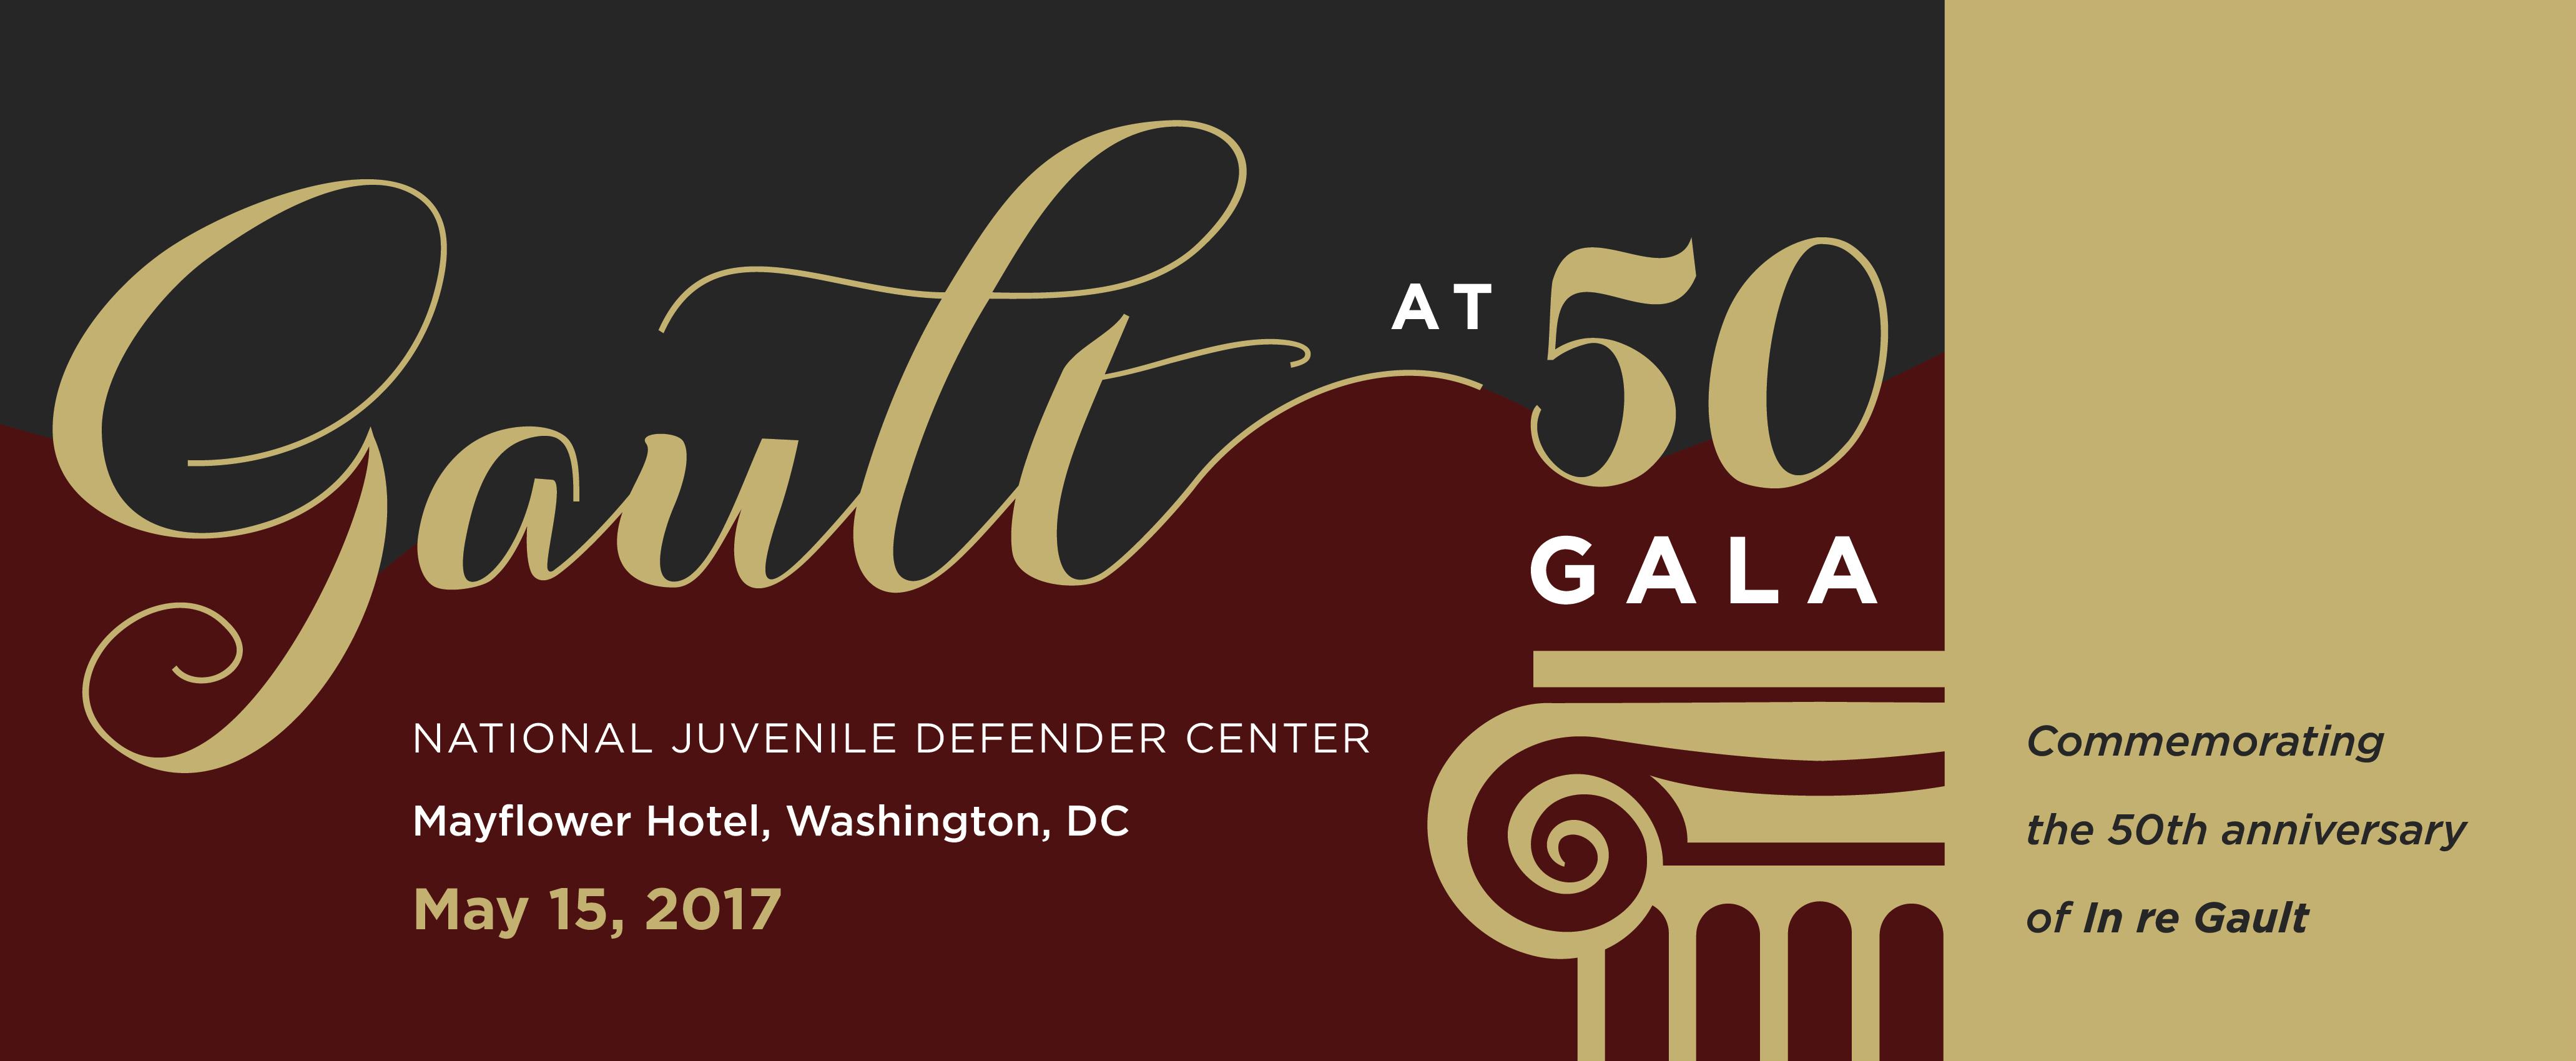 Gault at 50 Gala